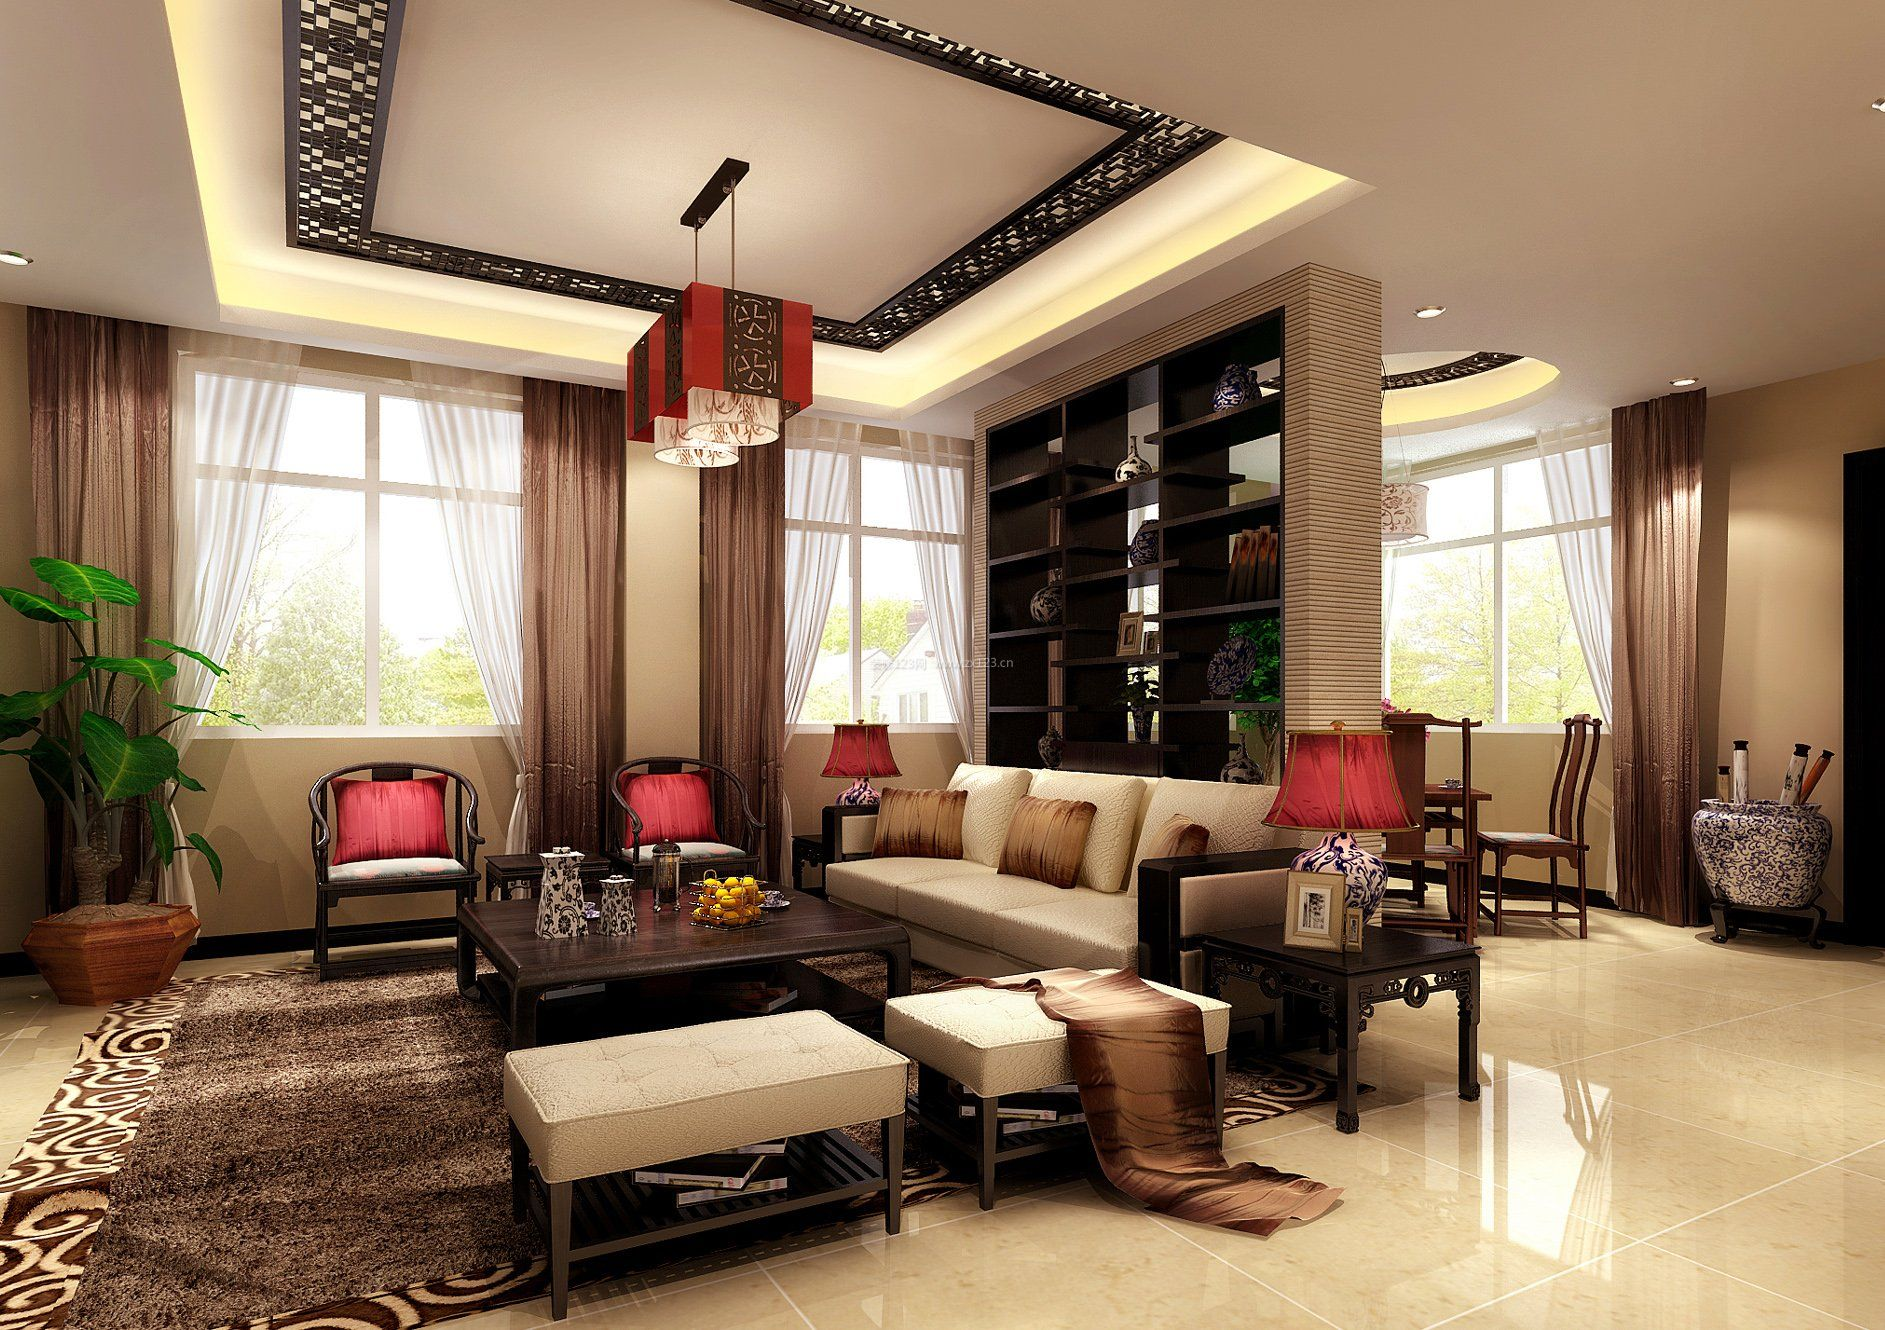 现代简约新中式客厅风格装修效果图大全